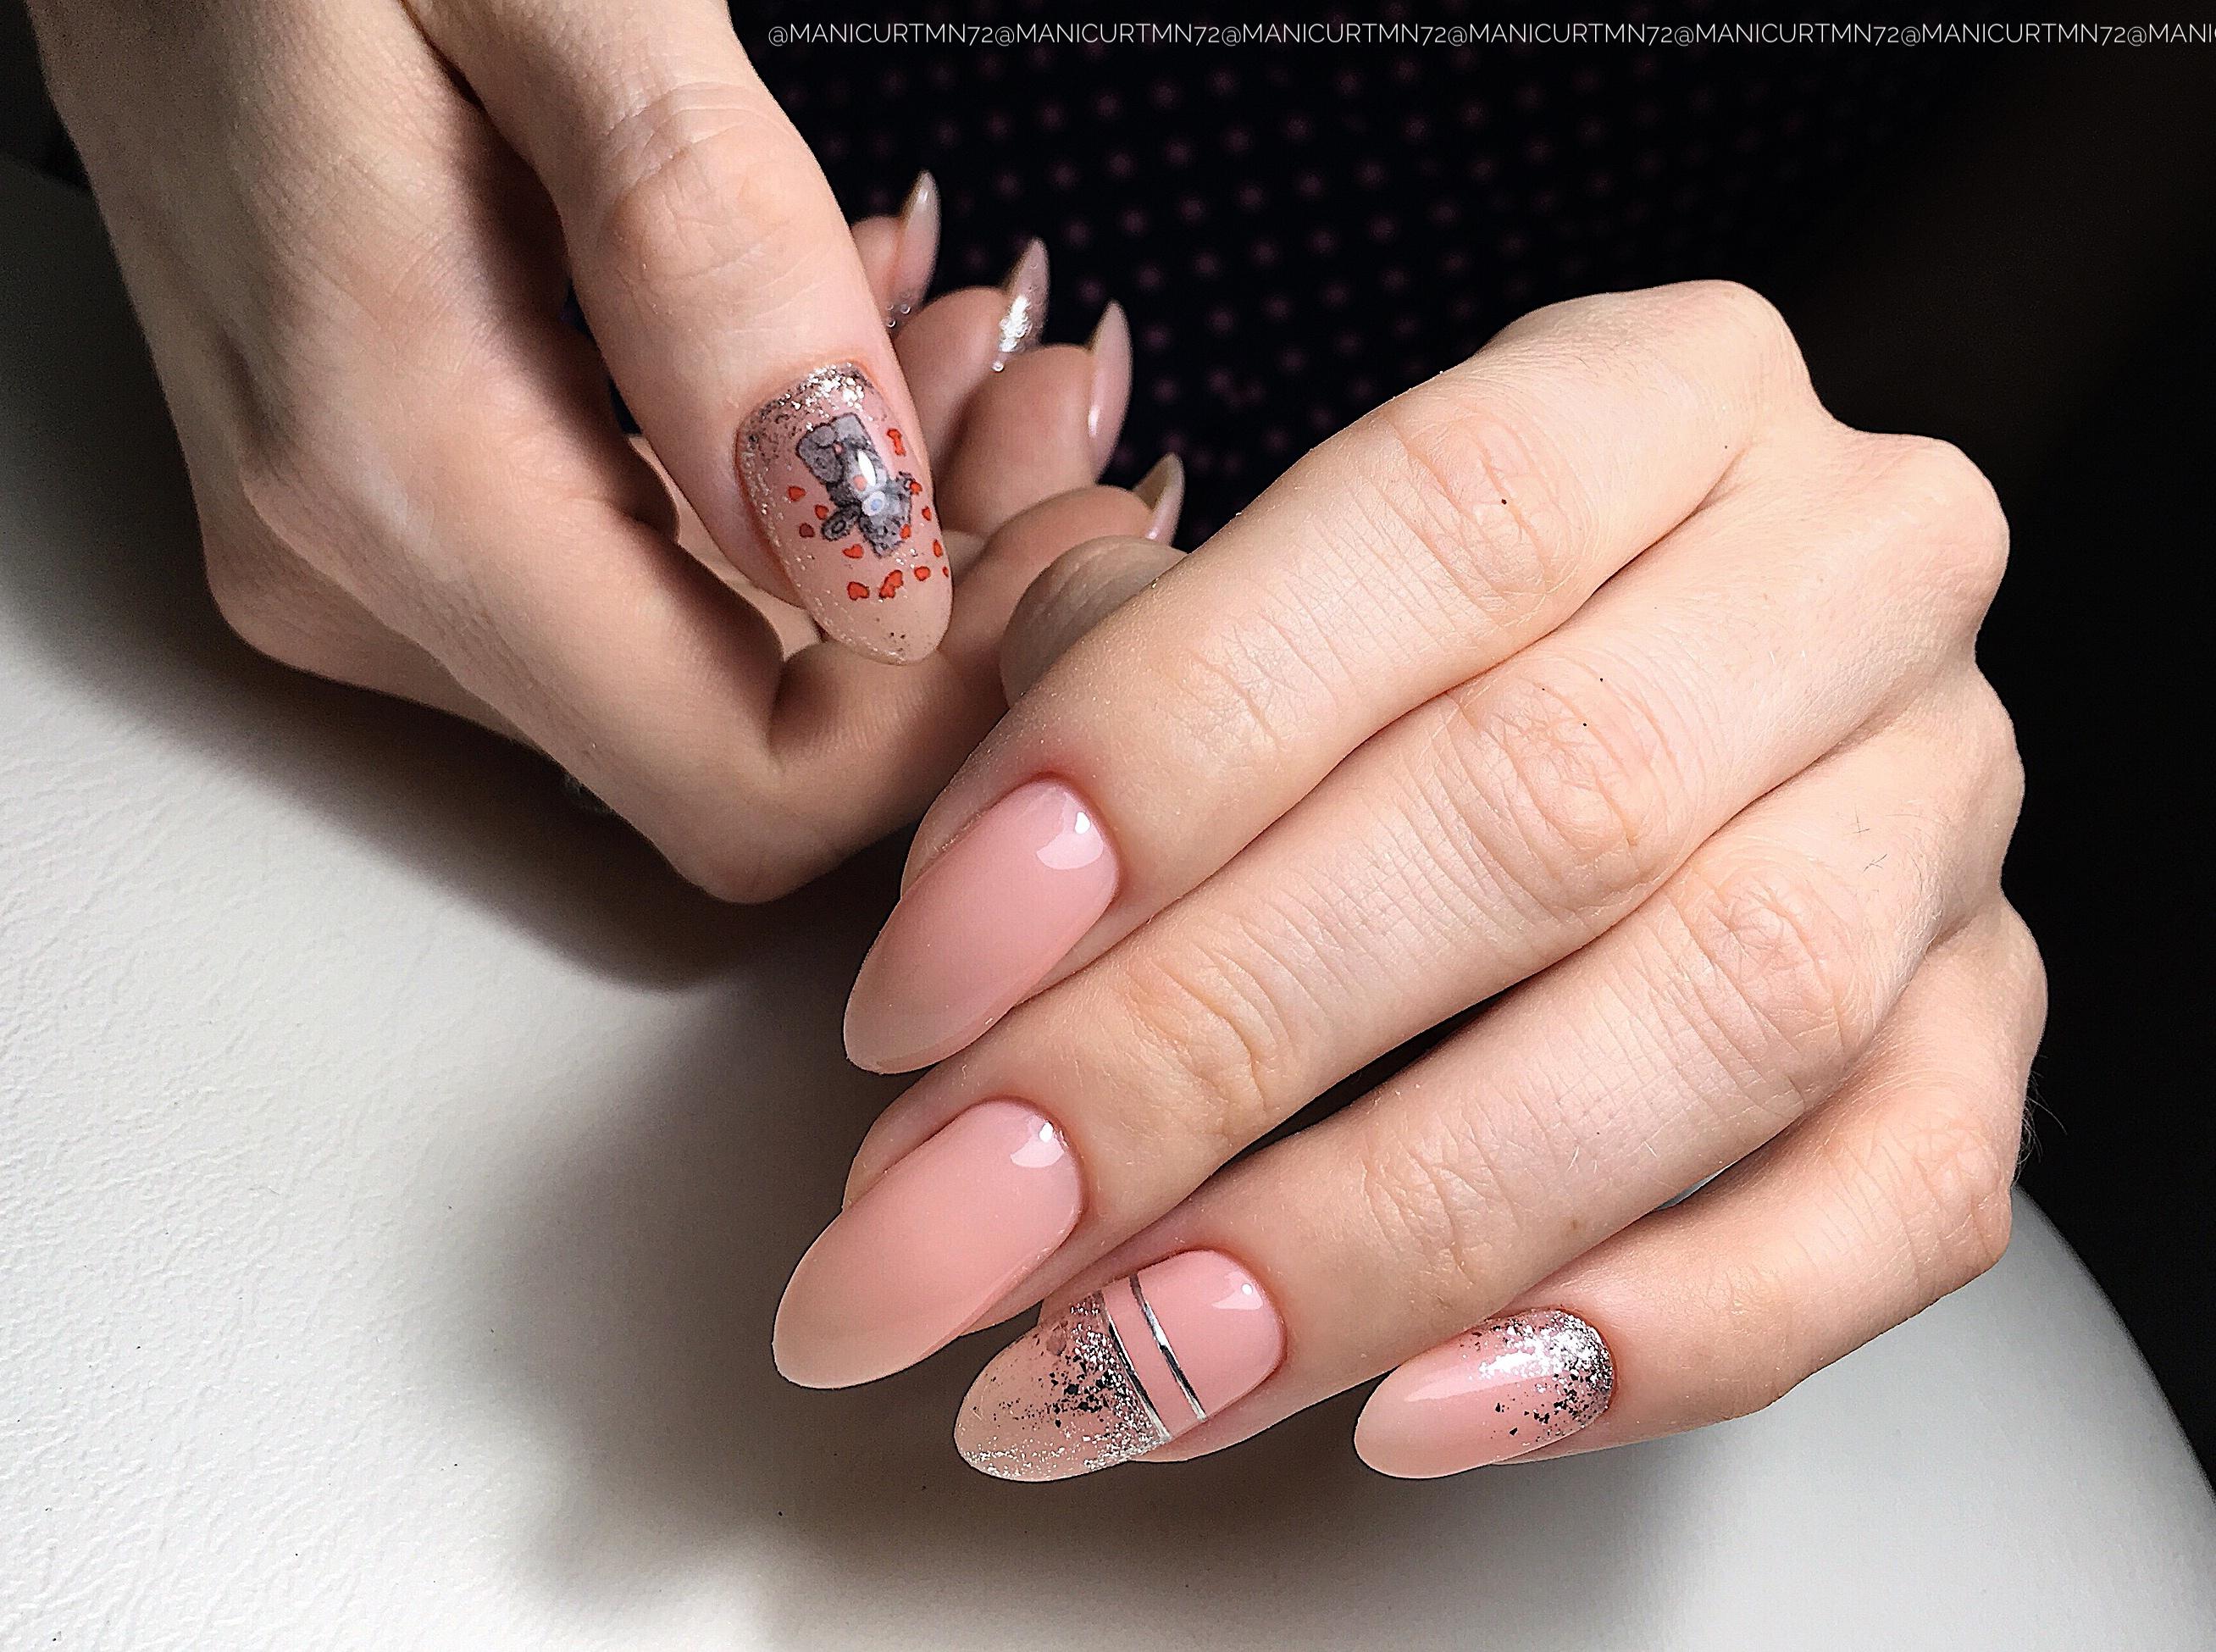 Нюдовый маникюр с мишкой Тедди, серебряными полосками и блестками на длинные ногти.